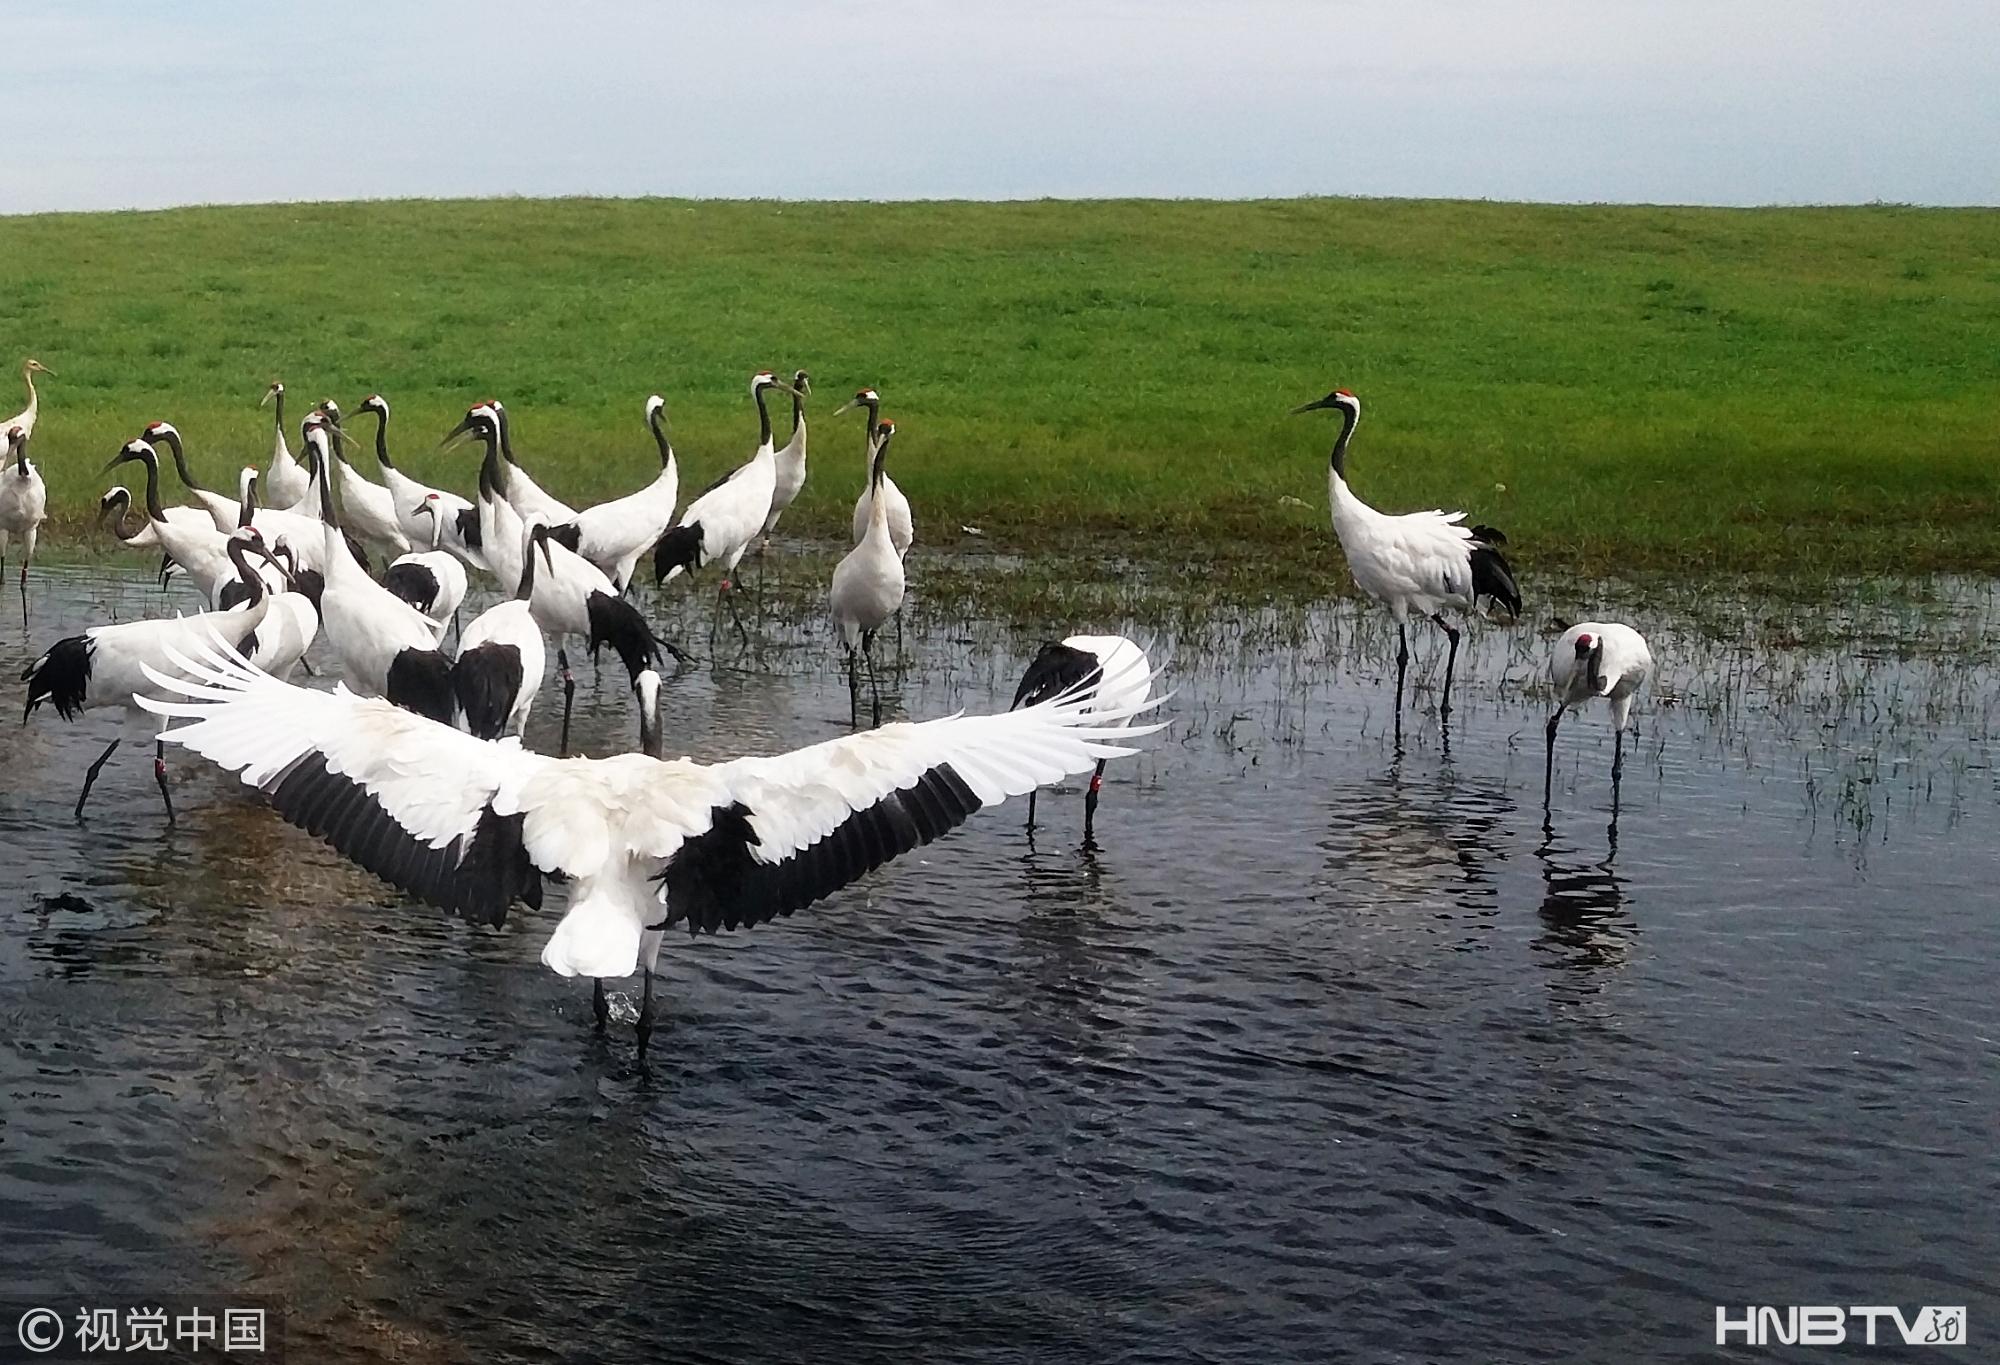 实拍黑龙江齐齐哈尔扎龙湿地 千名游客近距离欣赏丹顶鹤起舞